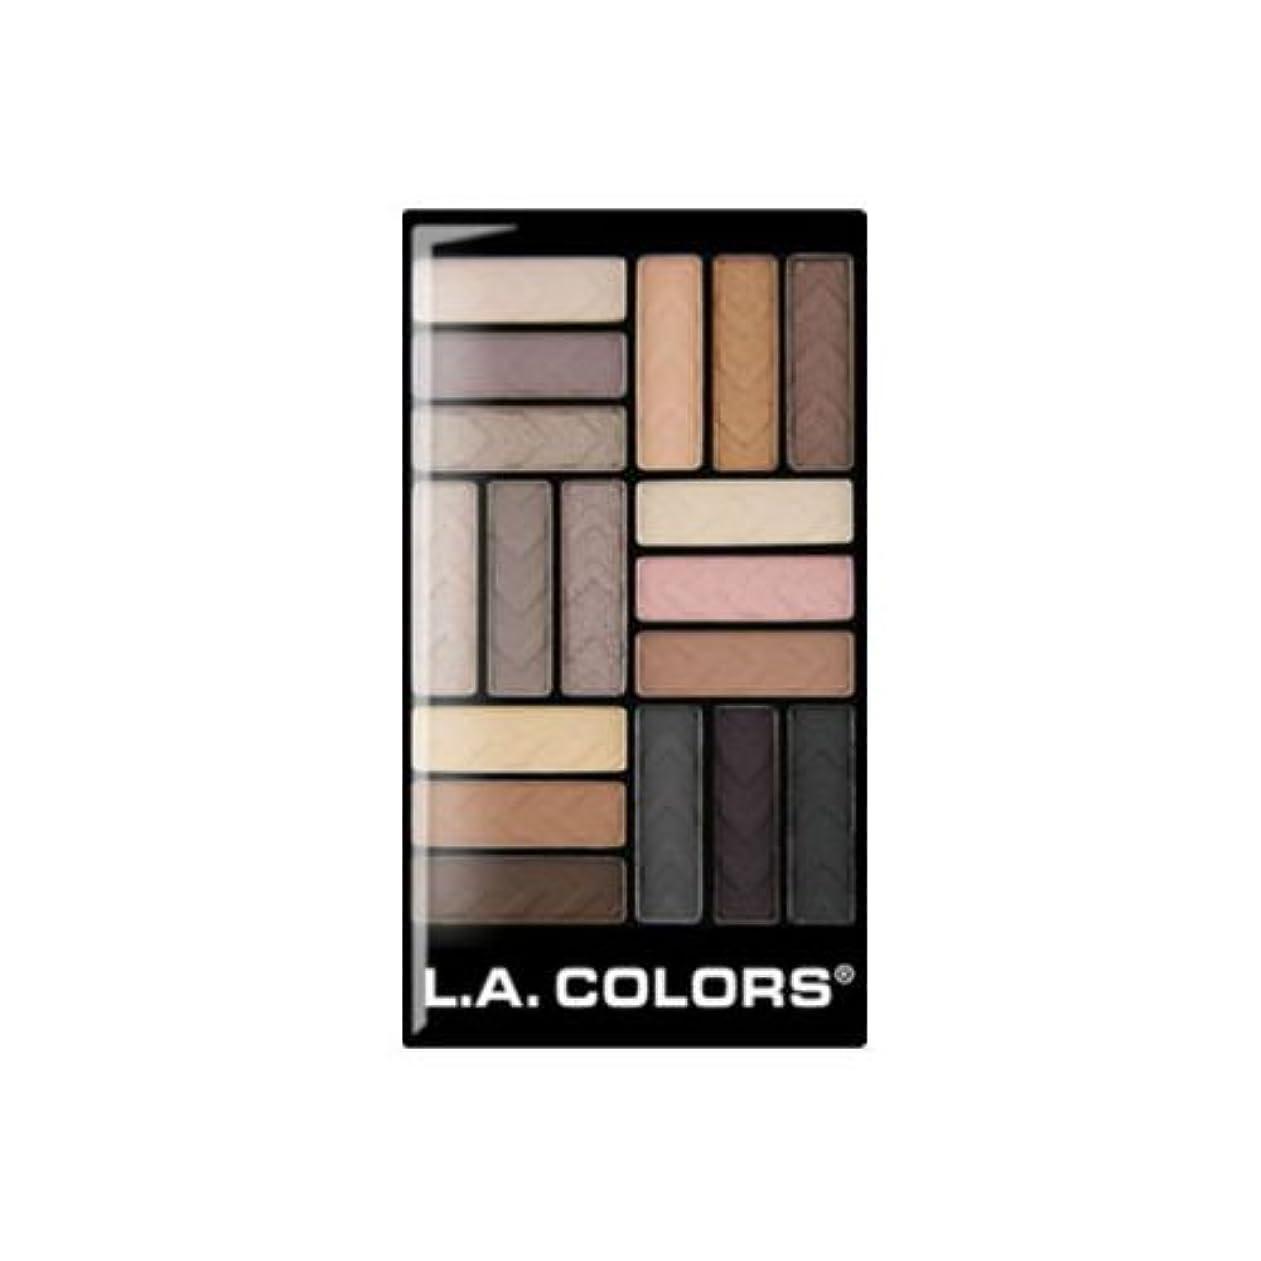 たるみ天井独裁(3 Pack) L.A. COLORS 18 Color Eyeshadow - Downtown Brown (並行輸入品)